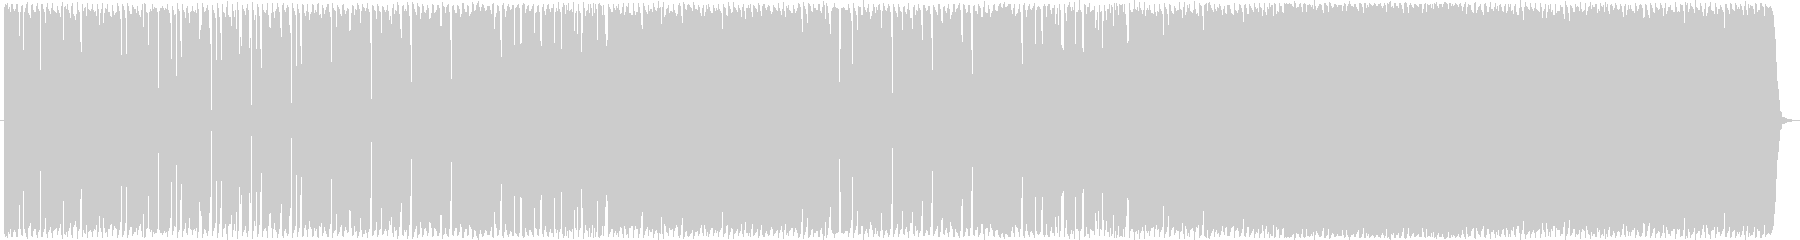 ポップロック研究所ファンキーなグル...の未再生の波形